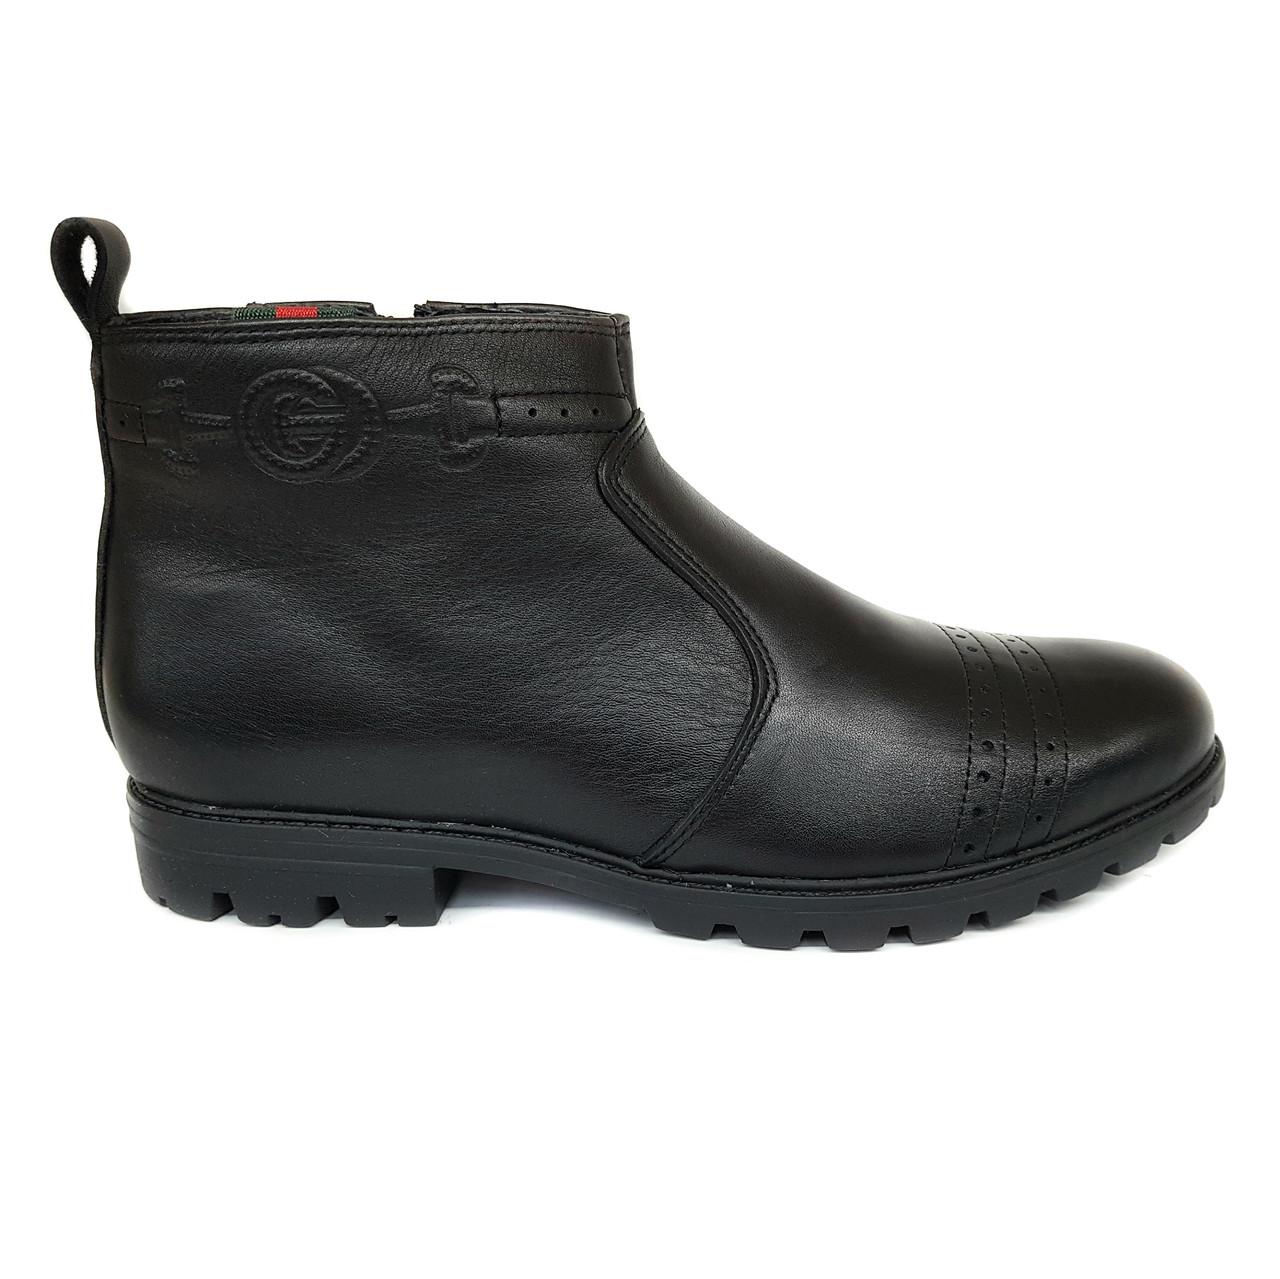 Зимние кожаные мужские ботинки Dan Shoes черные на меху